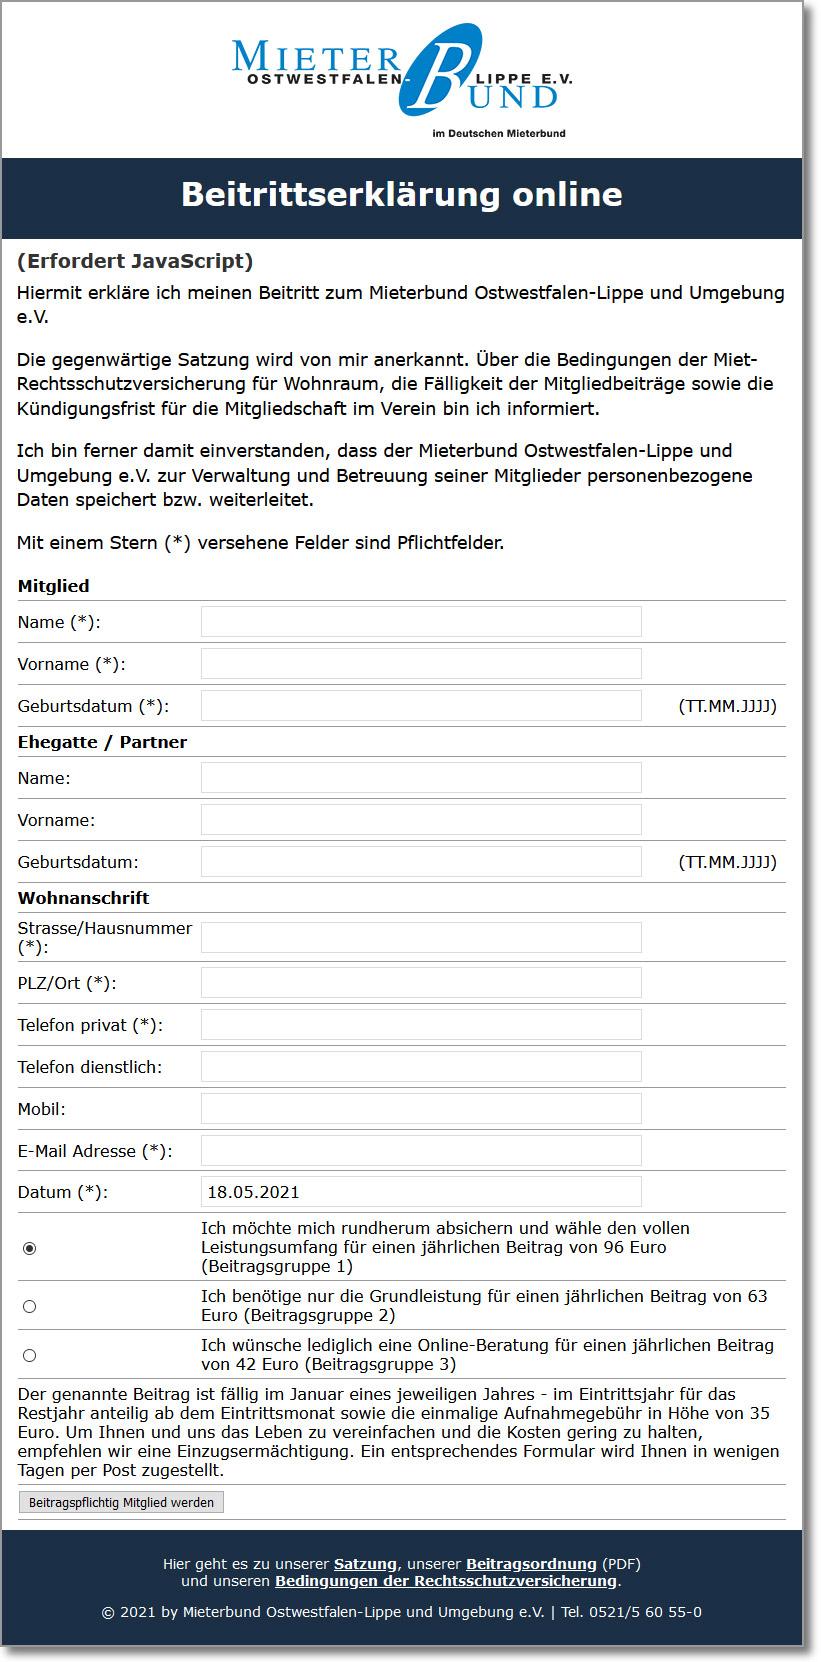 Beitrittserklärung zum Mieterbund Ostwestfalen-Lippe e.V.